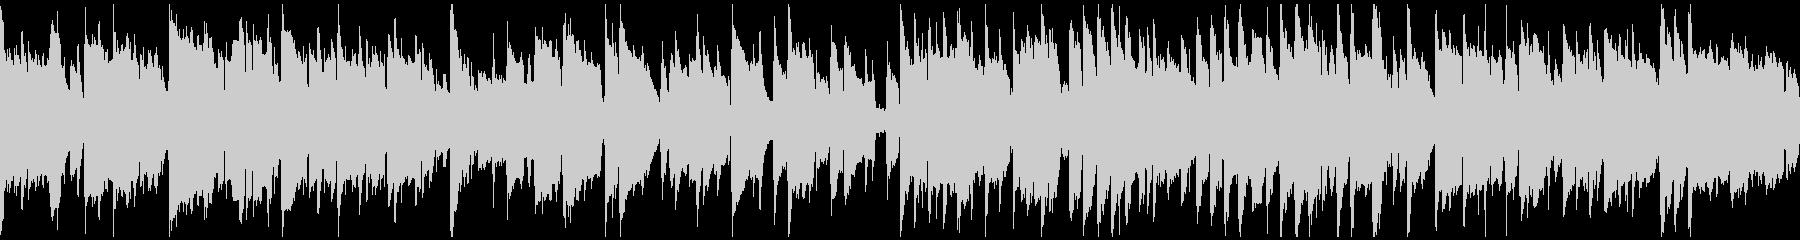 ノスタルジックなリコーダー ※ループ版の未再生の波形